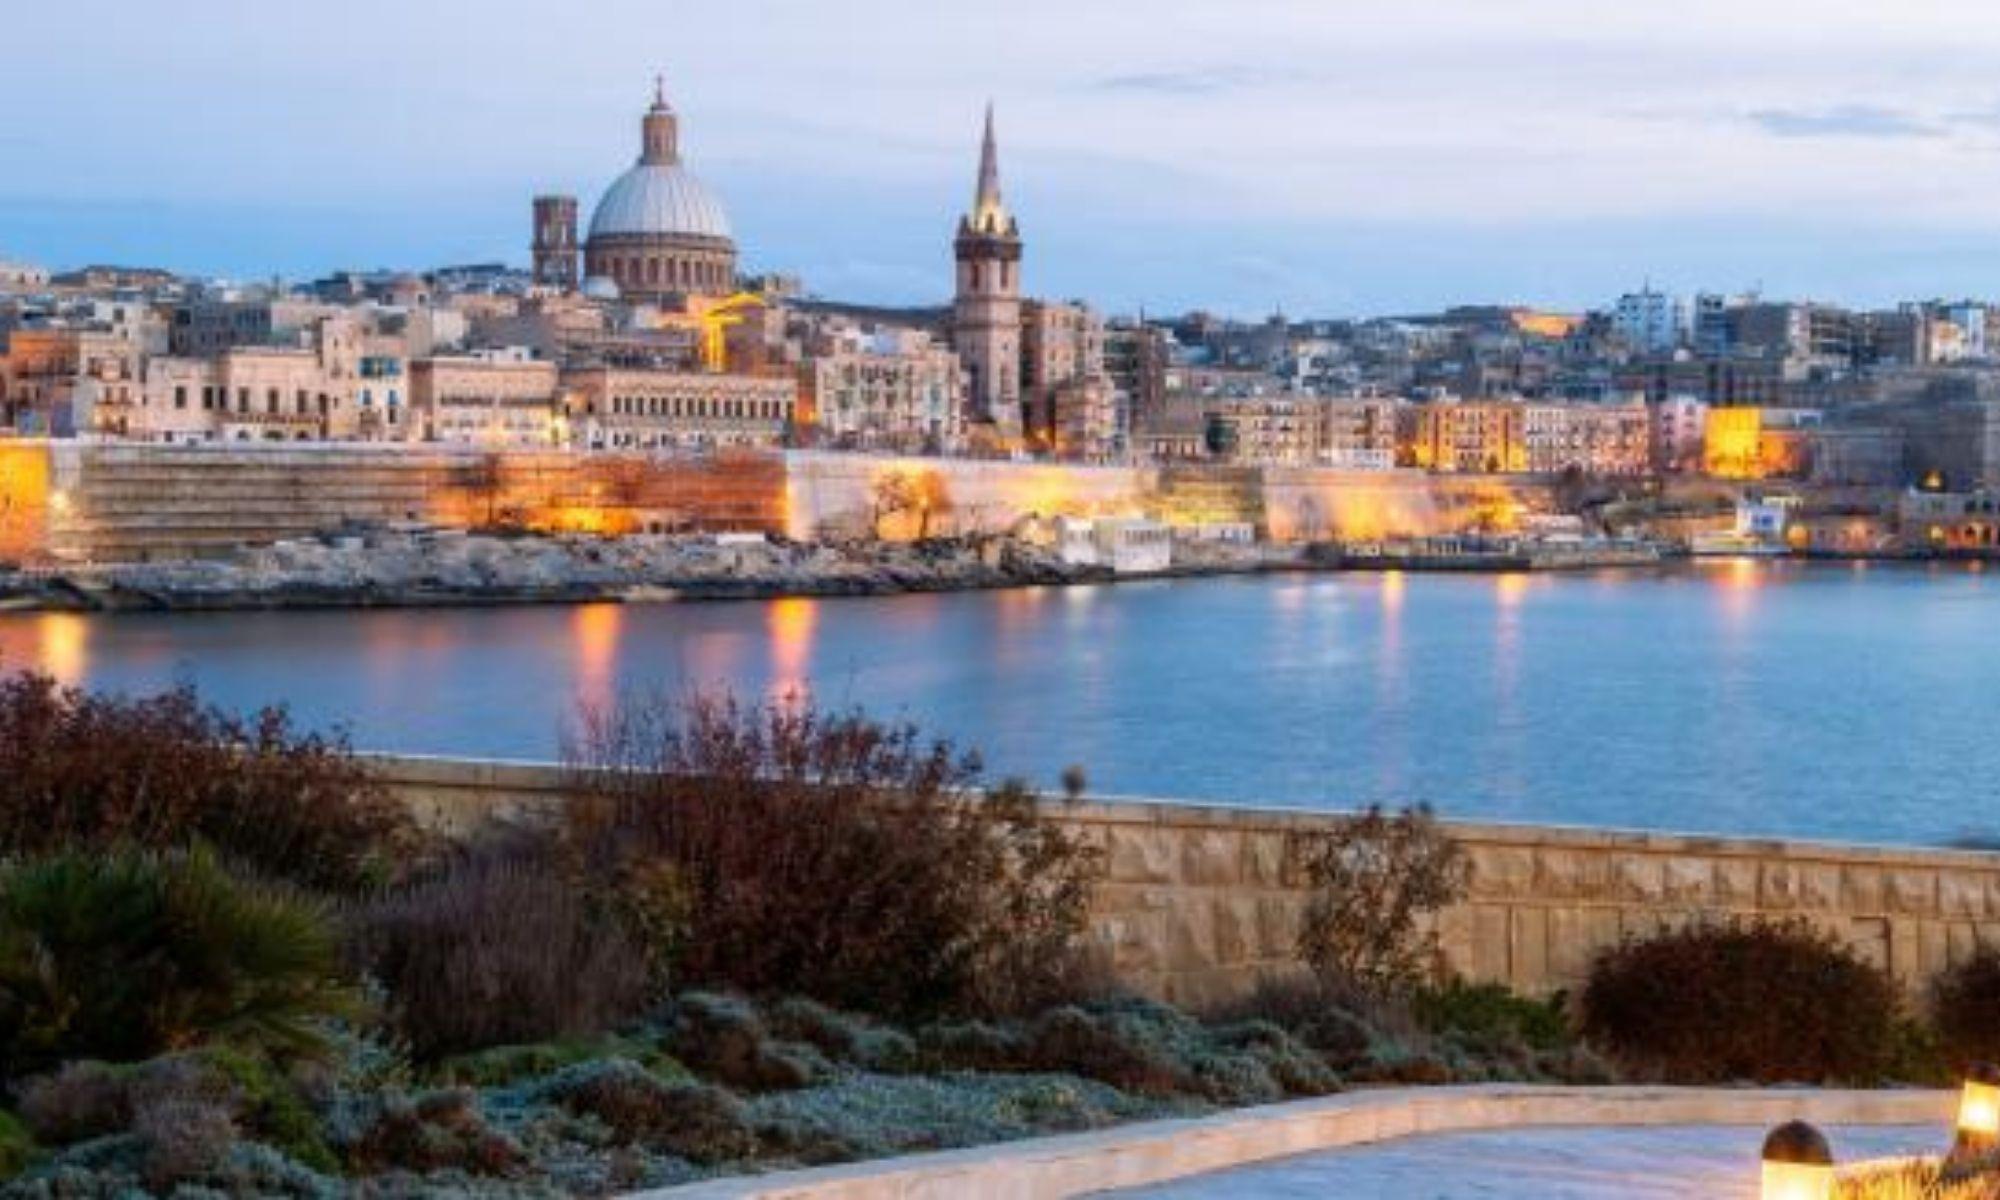 FranceInfo, Français du monde. Covid-19: Malte fait marche arrière